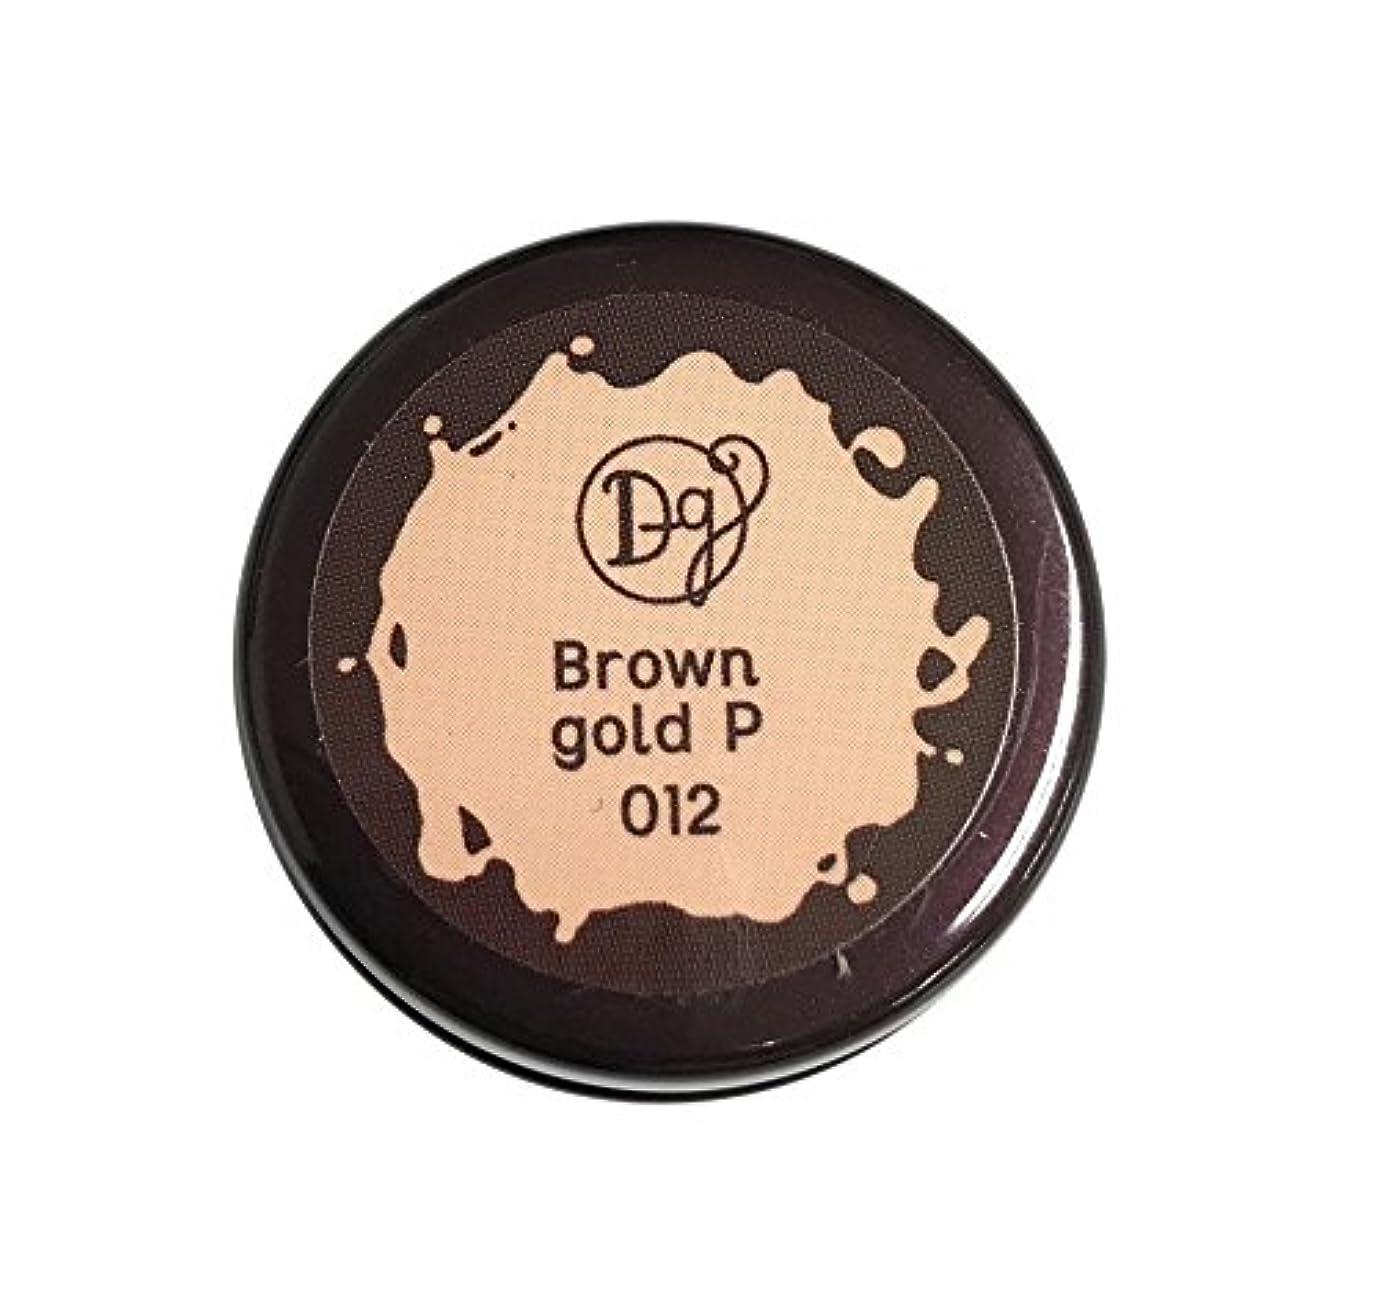 失う相手四半期デコラガール カラージェル 012 ブラウンゴールドペール 3g